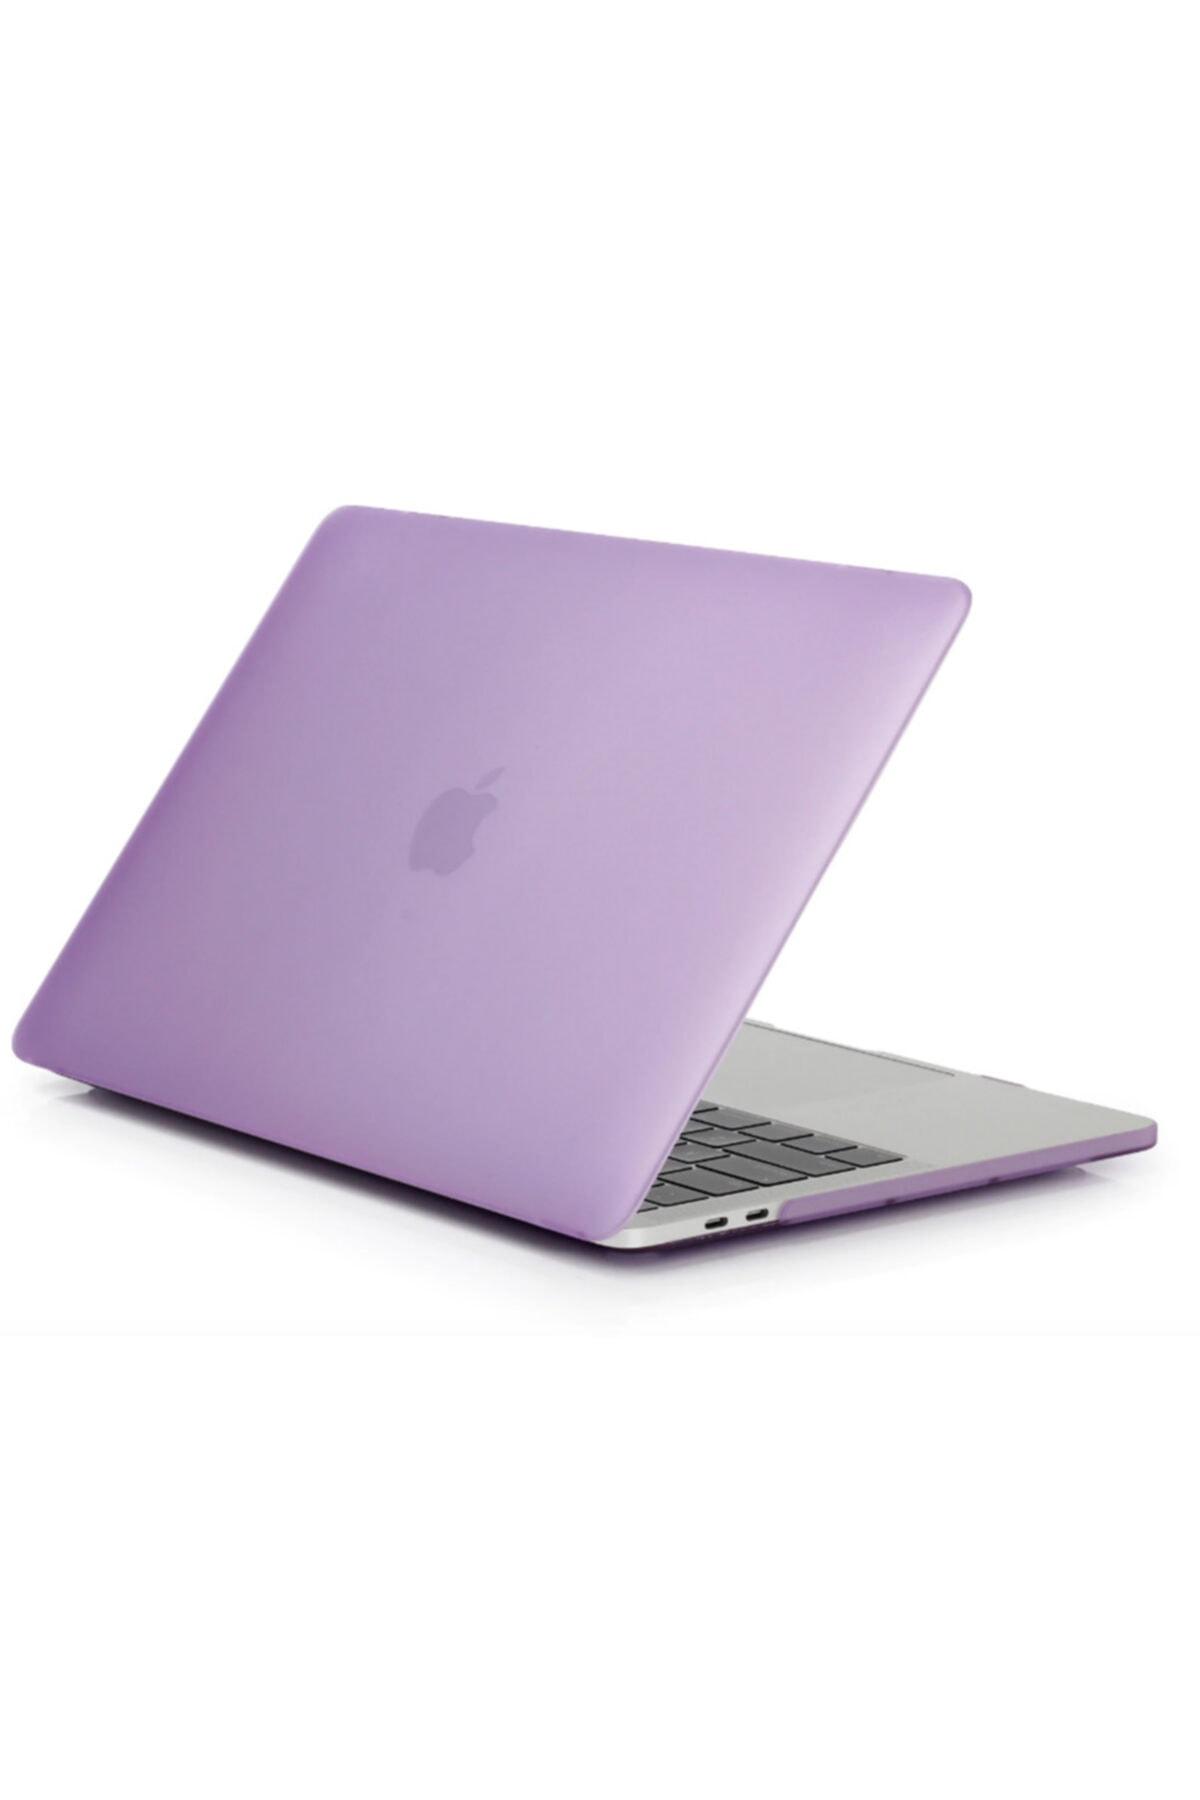 Mor Apple Macbook Pro 2020 Model A2338 13 Inç Sert Kapak Koruma Kılıf